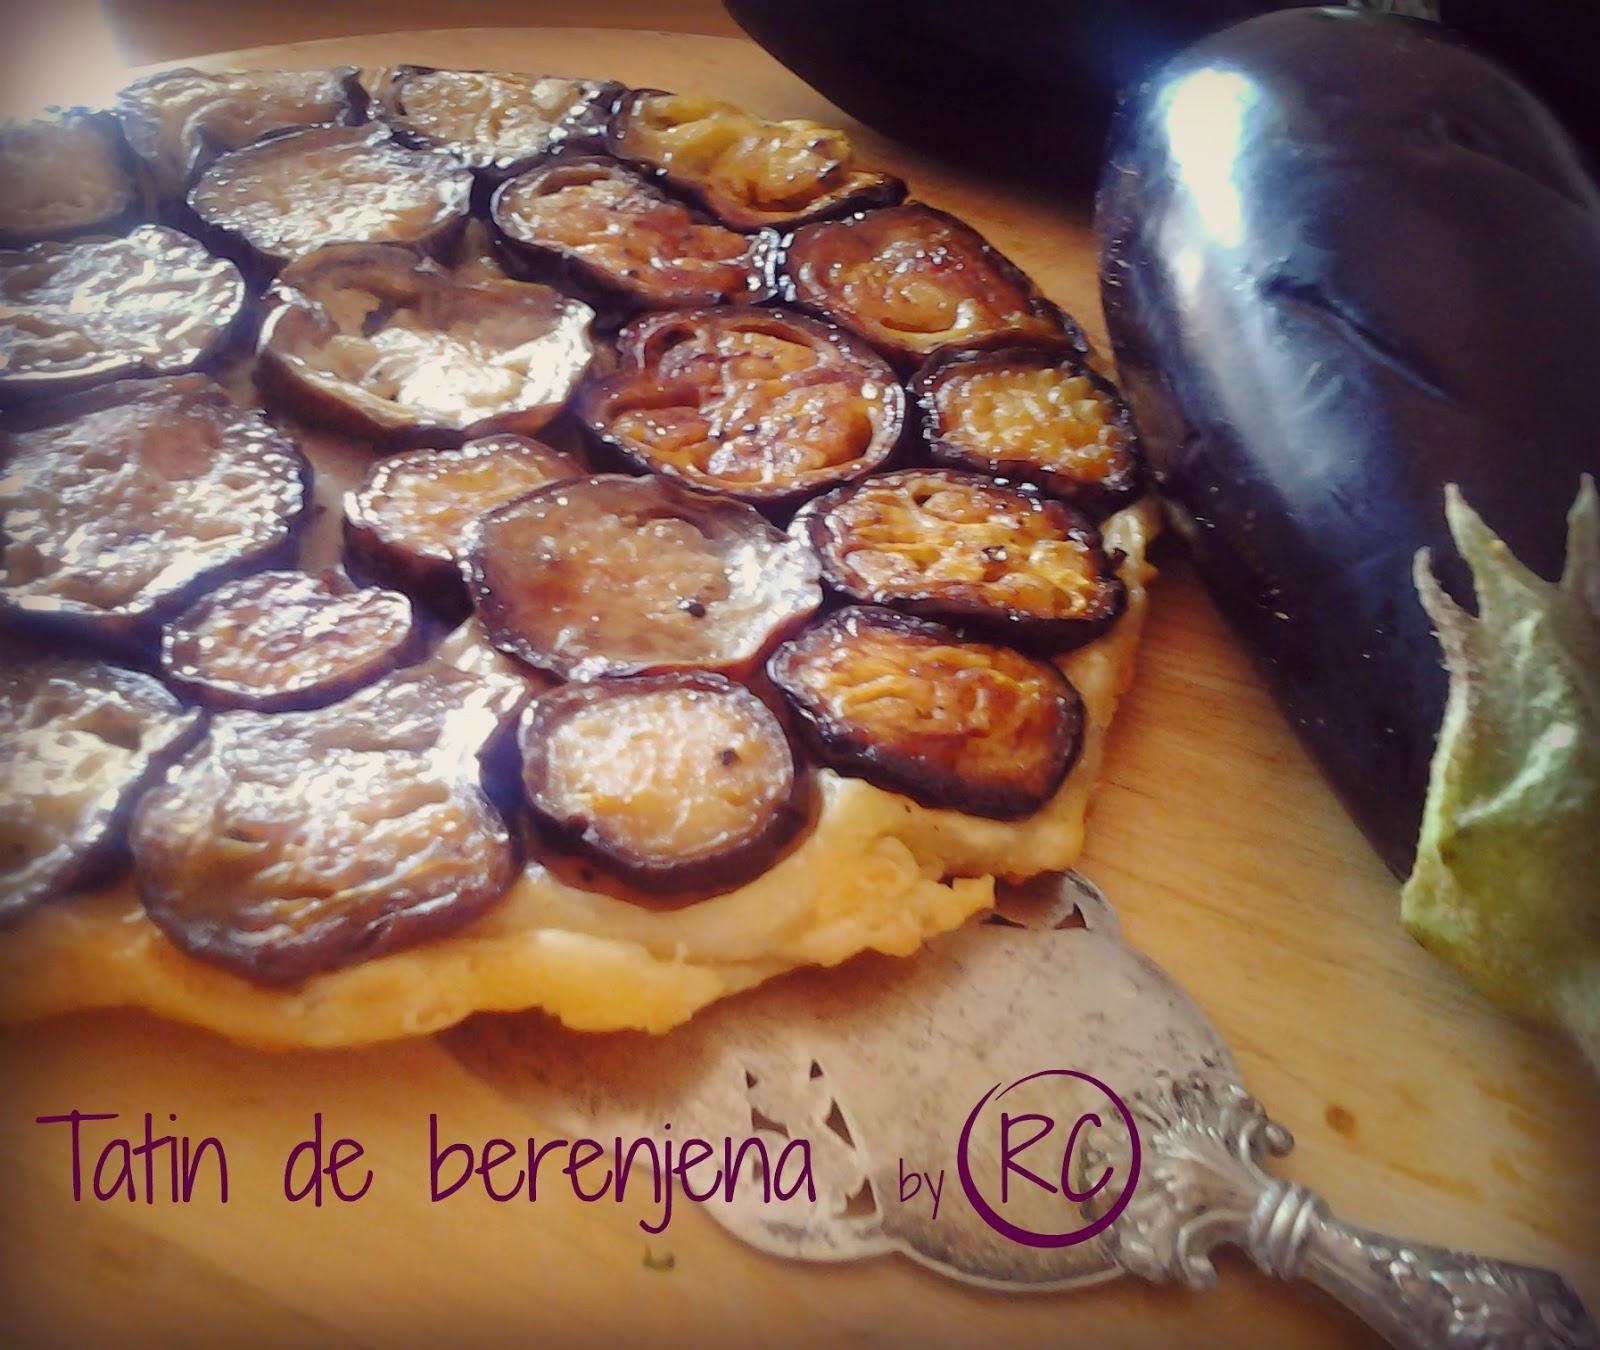 tatin-de-berenjena-by-recursos-culinarios